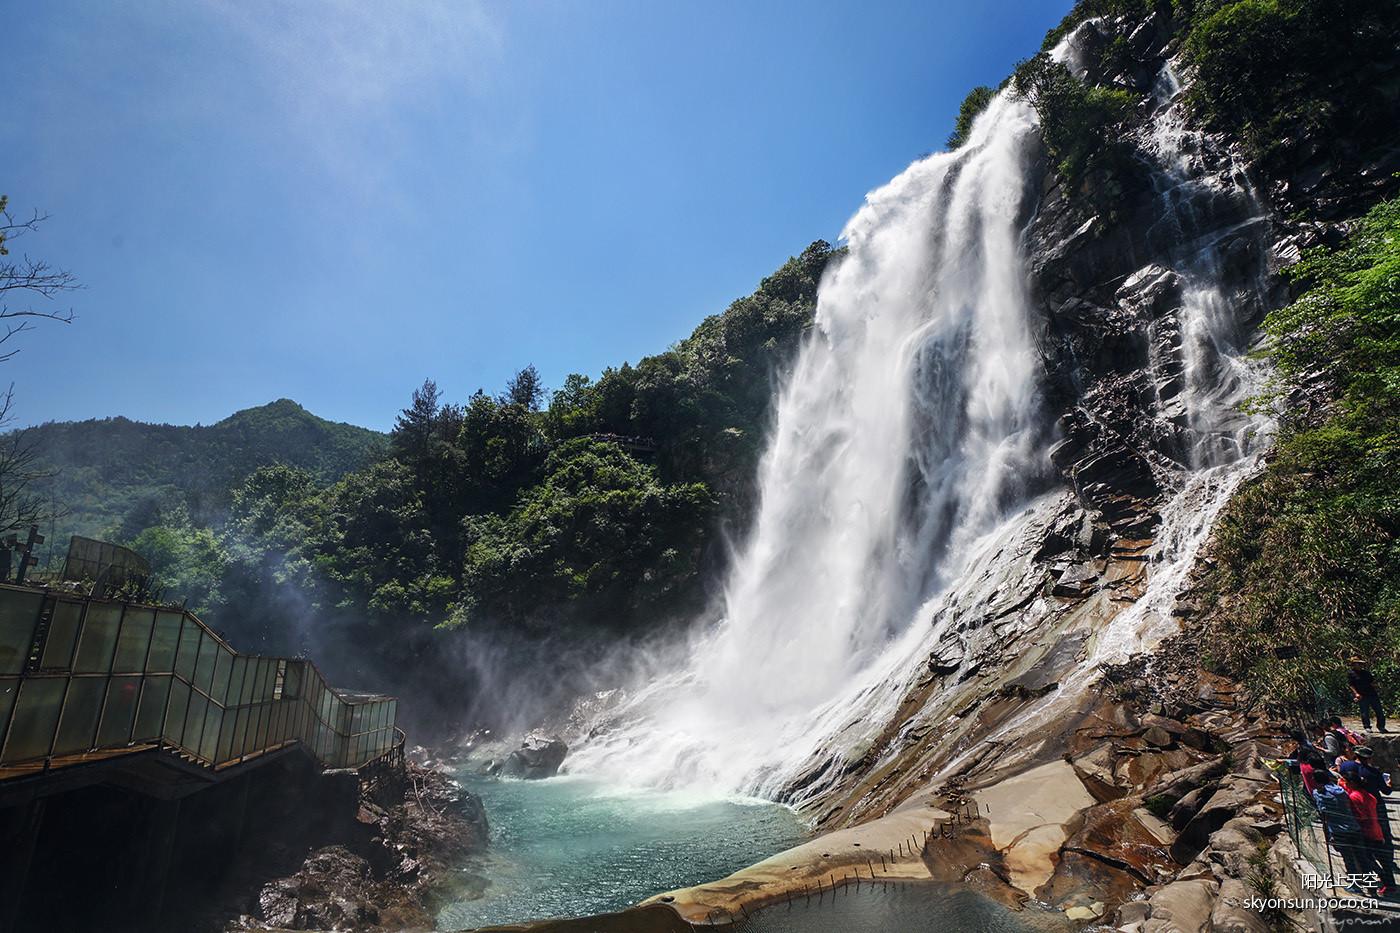 壁纸 风景 旅游 瀑布 山水 桌面 1400_933